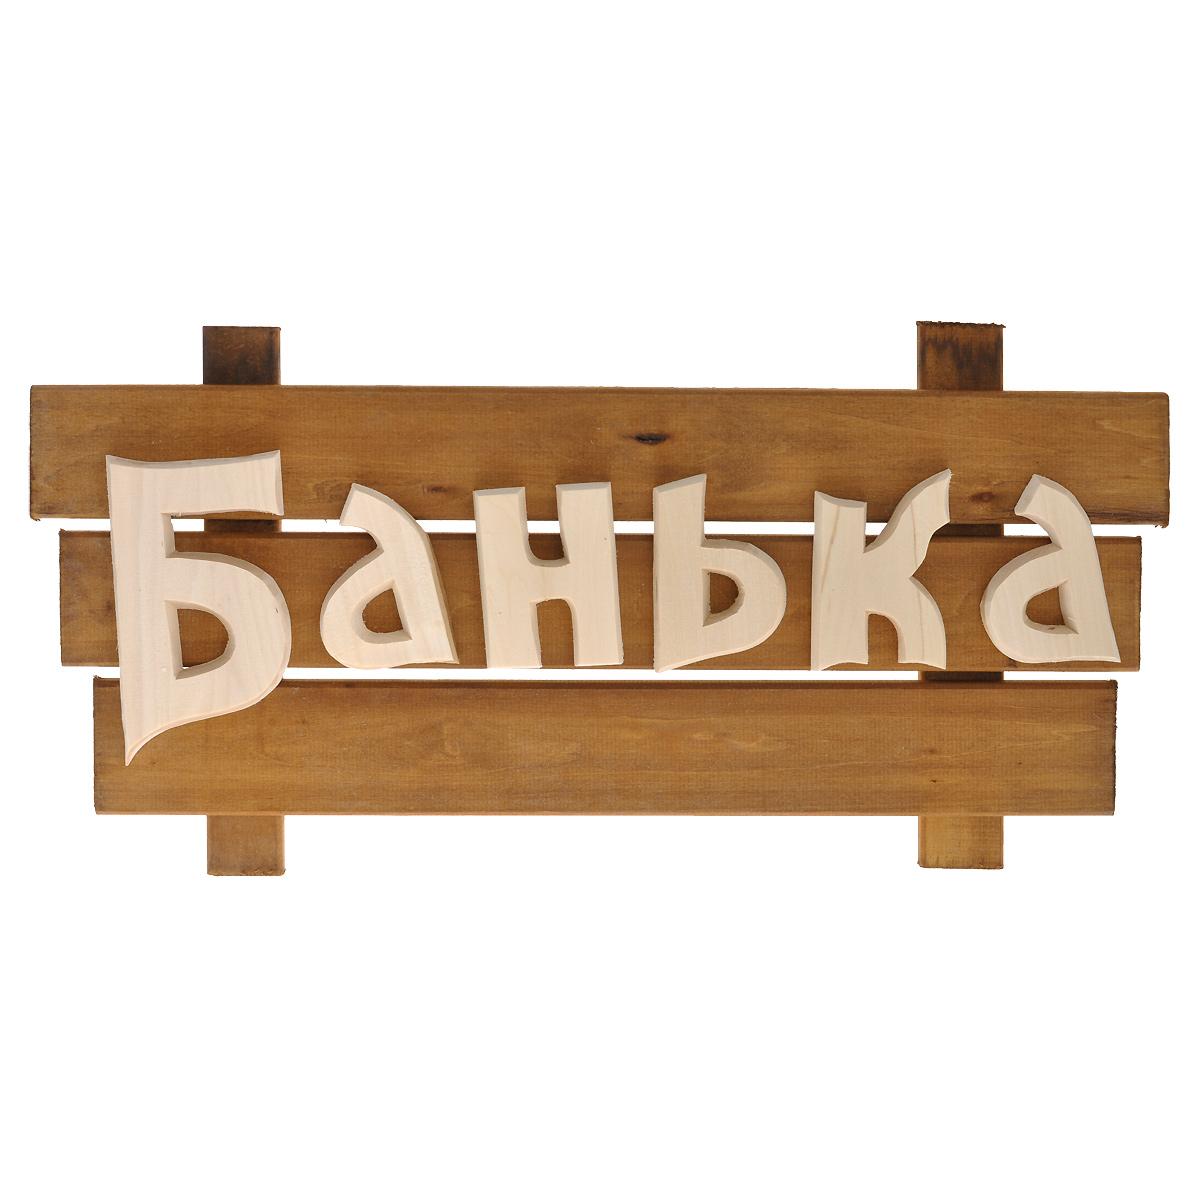 Табличка для бани и сауны Банные штучки Банька. 3227230002Оригинальная табличка Банные штучки Банька выполнена из древесины липы. Табличка может крепиться к двери или к стене с помощью шурупов (в комплект не входят, отверстия не просверлены) или клея.Табличка придаст определенный стиль вашей бане, а также просто украсит ее. Характеристики: Материал: дерево (липа). Размер таблички: 59 см х 29 см х 4,5 см.